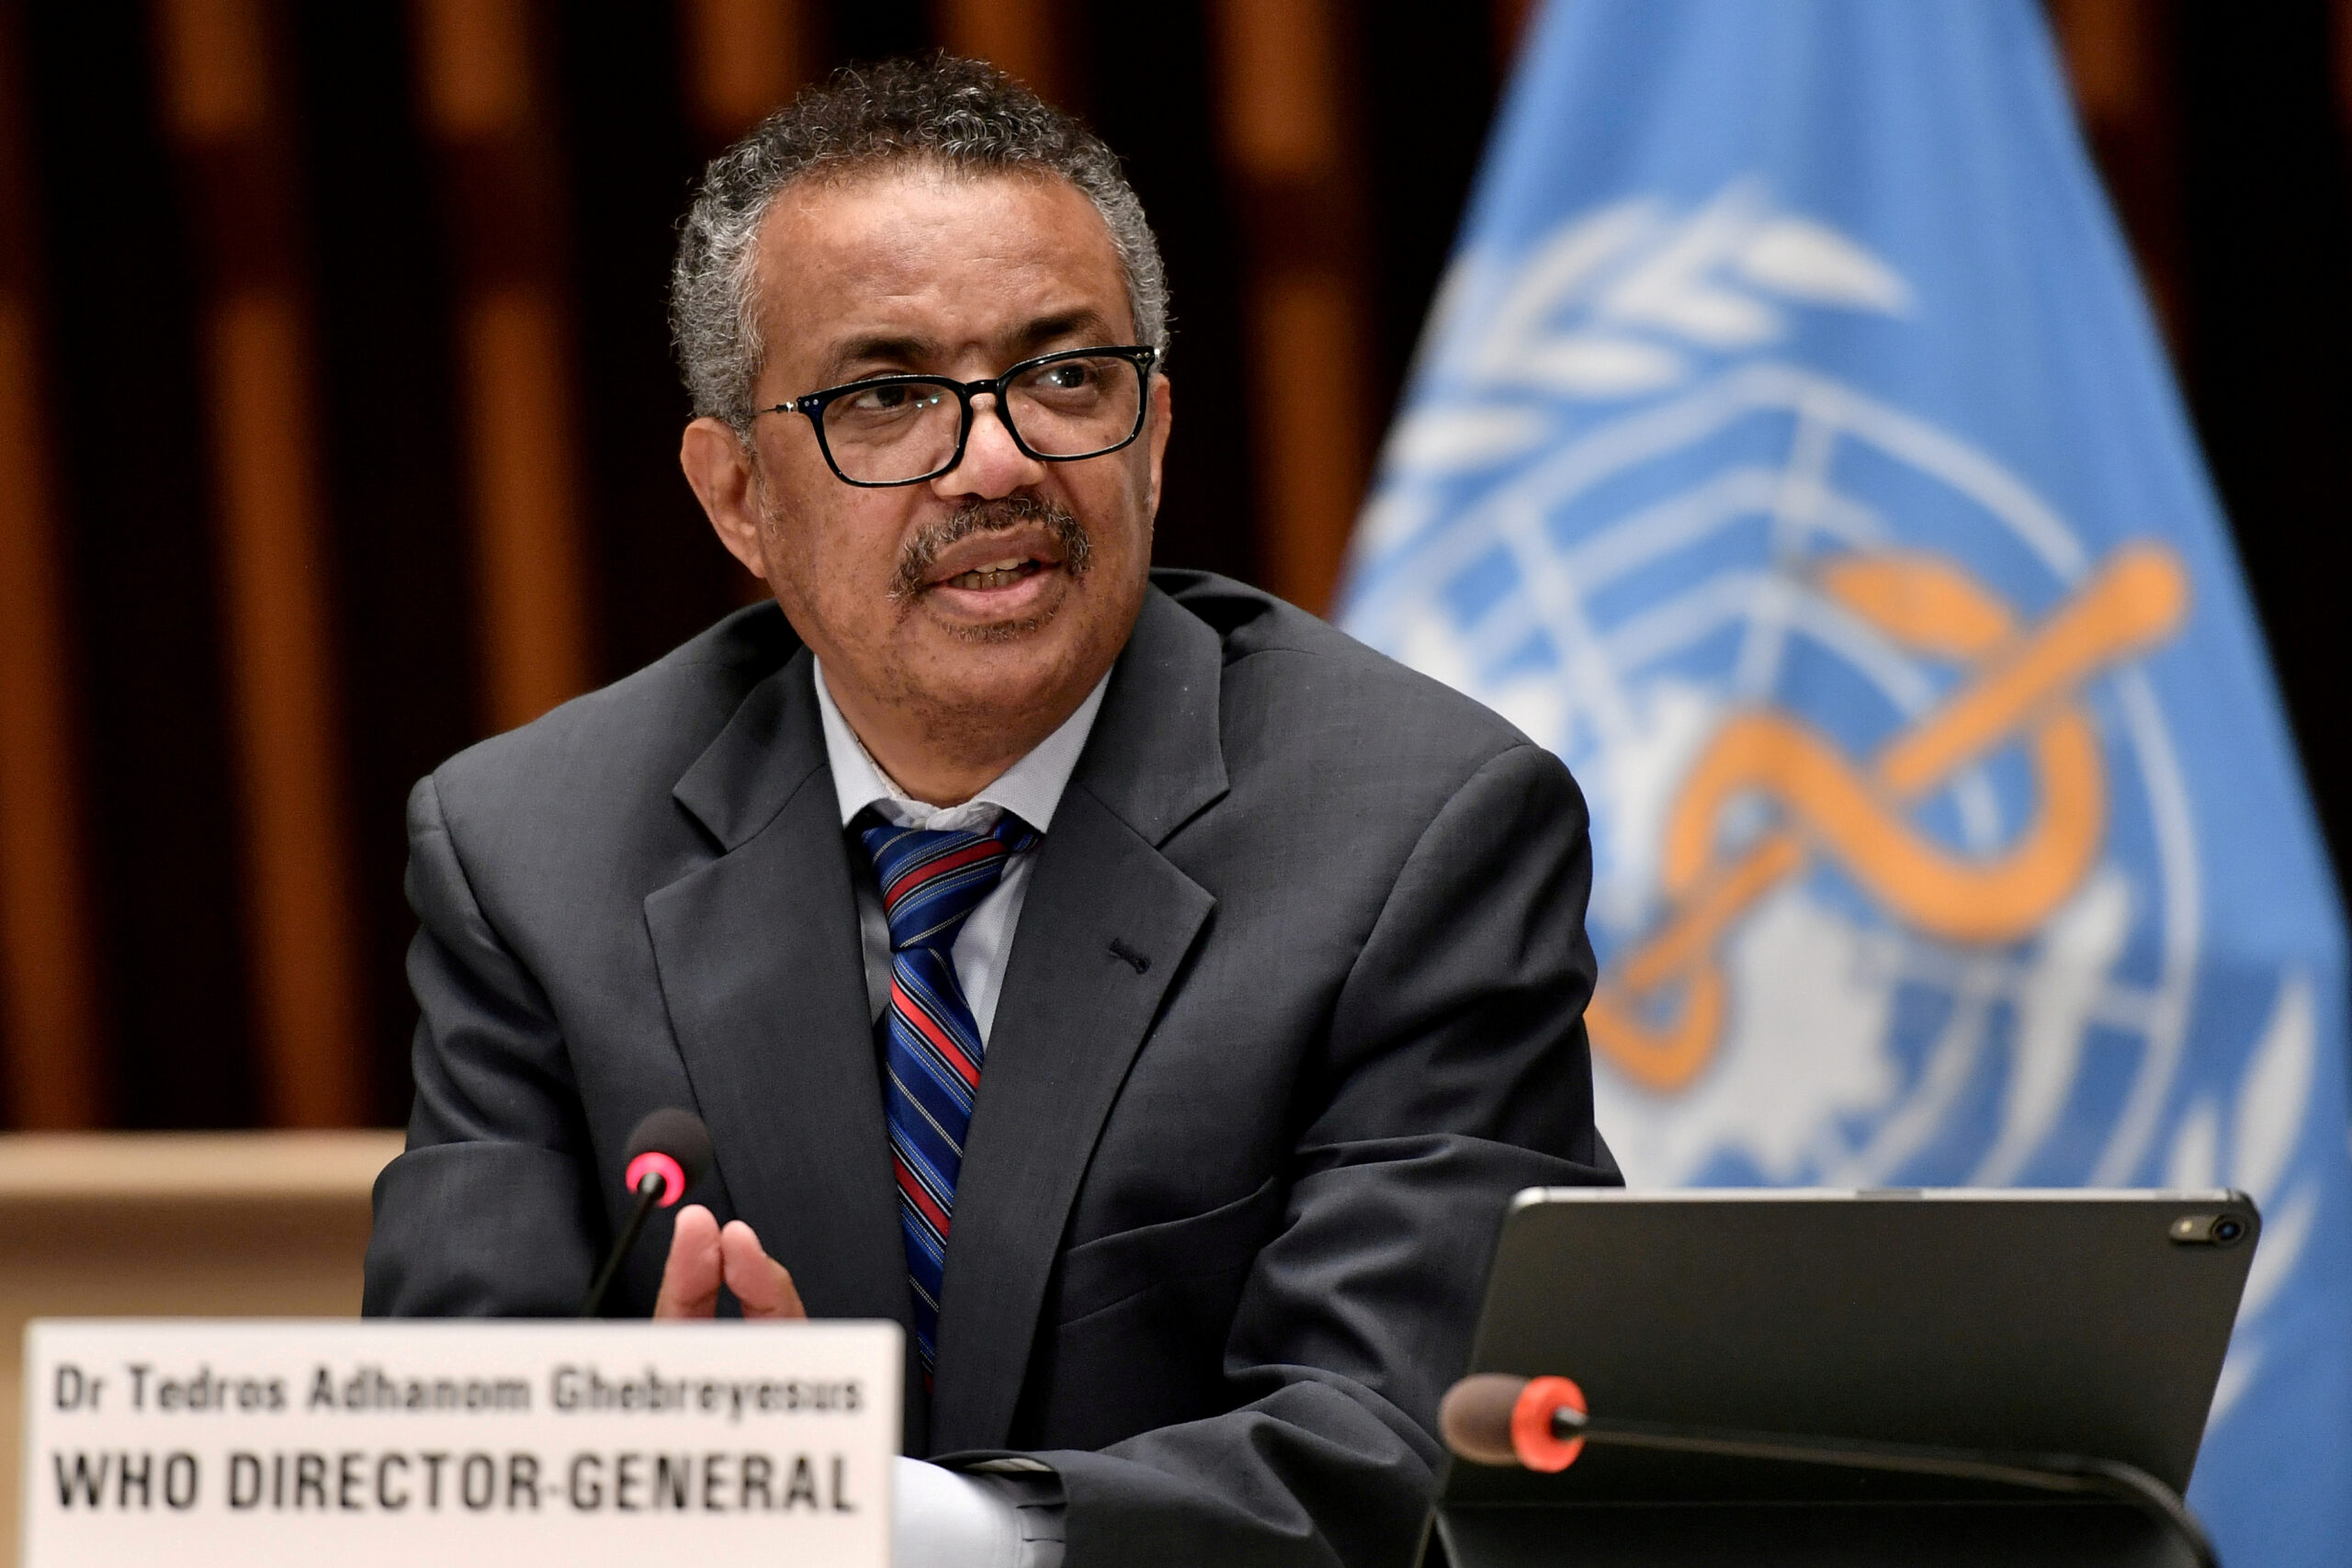 El director general de la OMS Tedros Adhanom Ghebreyesus / REUTERS